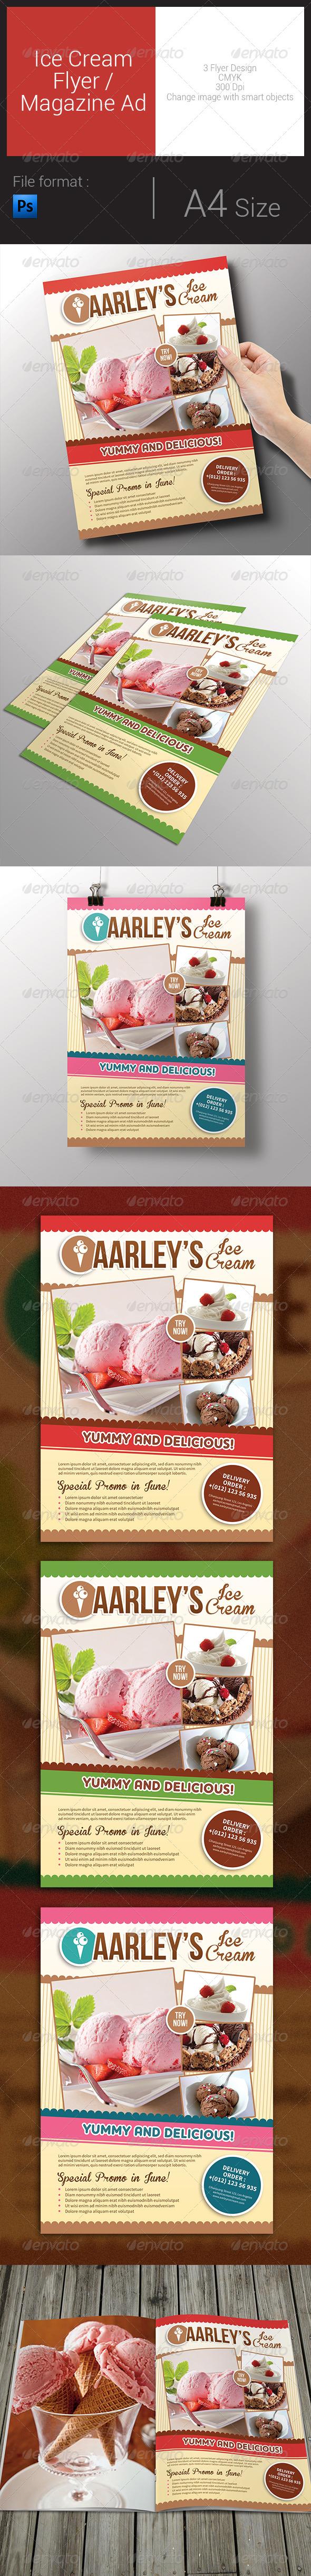 Ice Cream Flyer / Magazine Ad